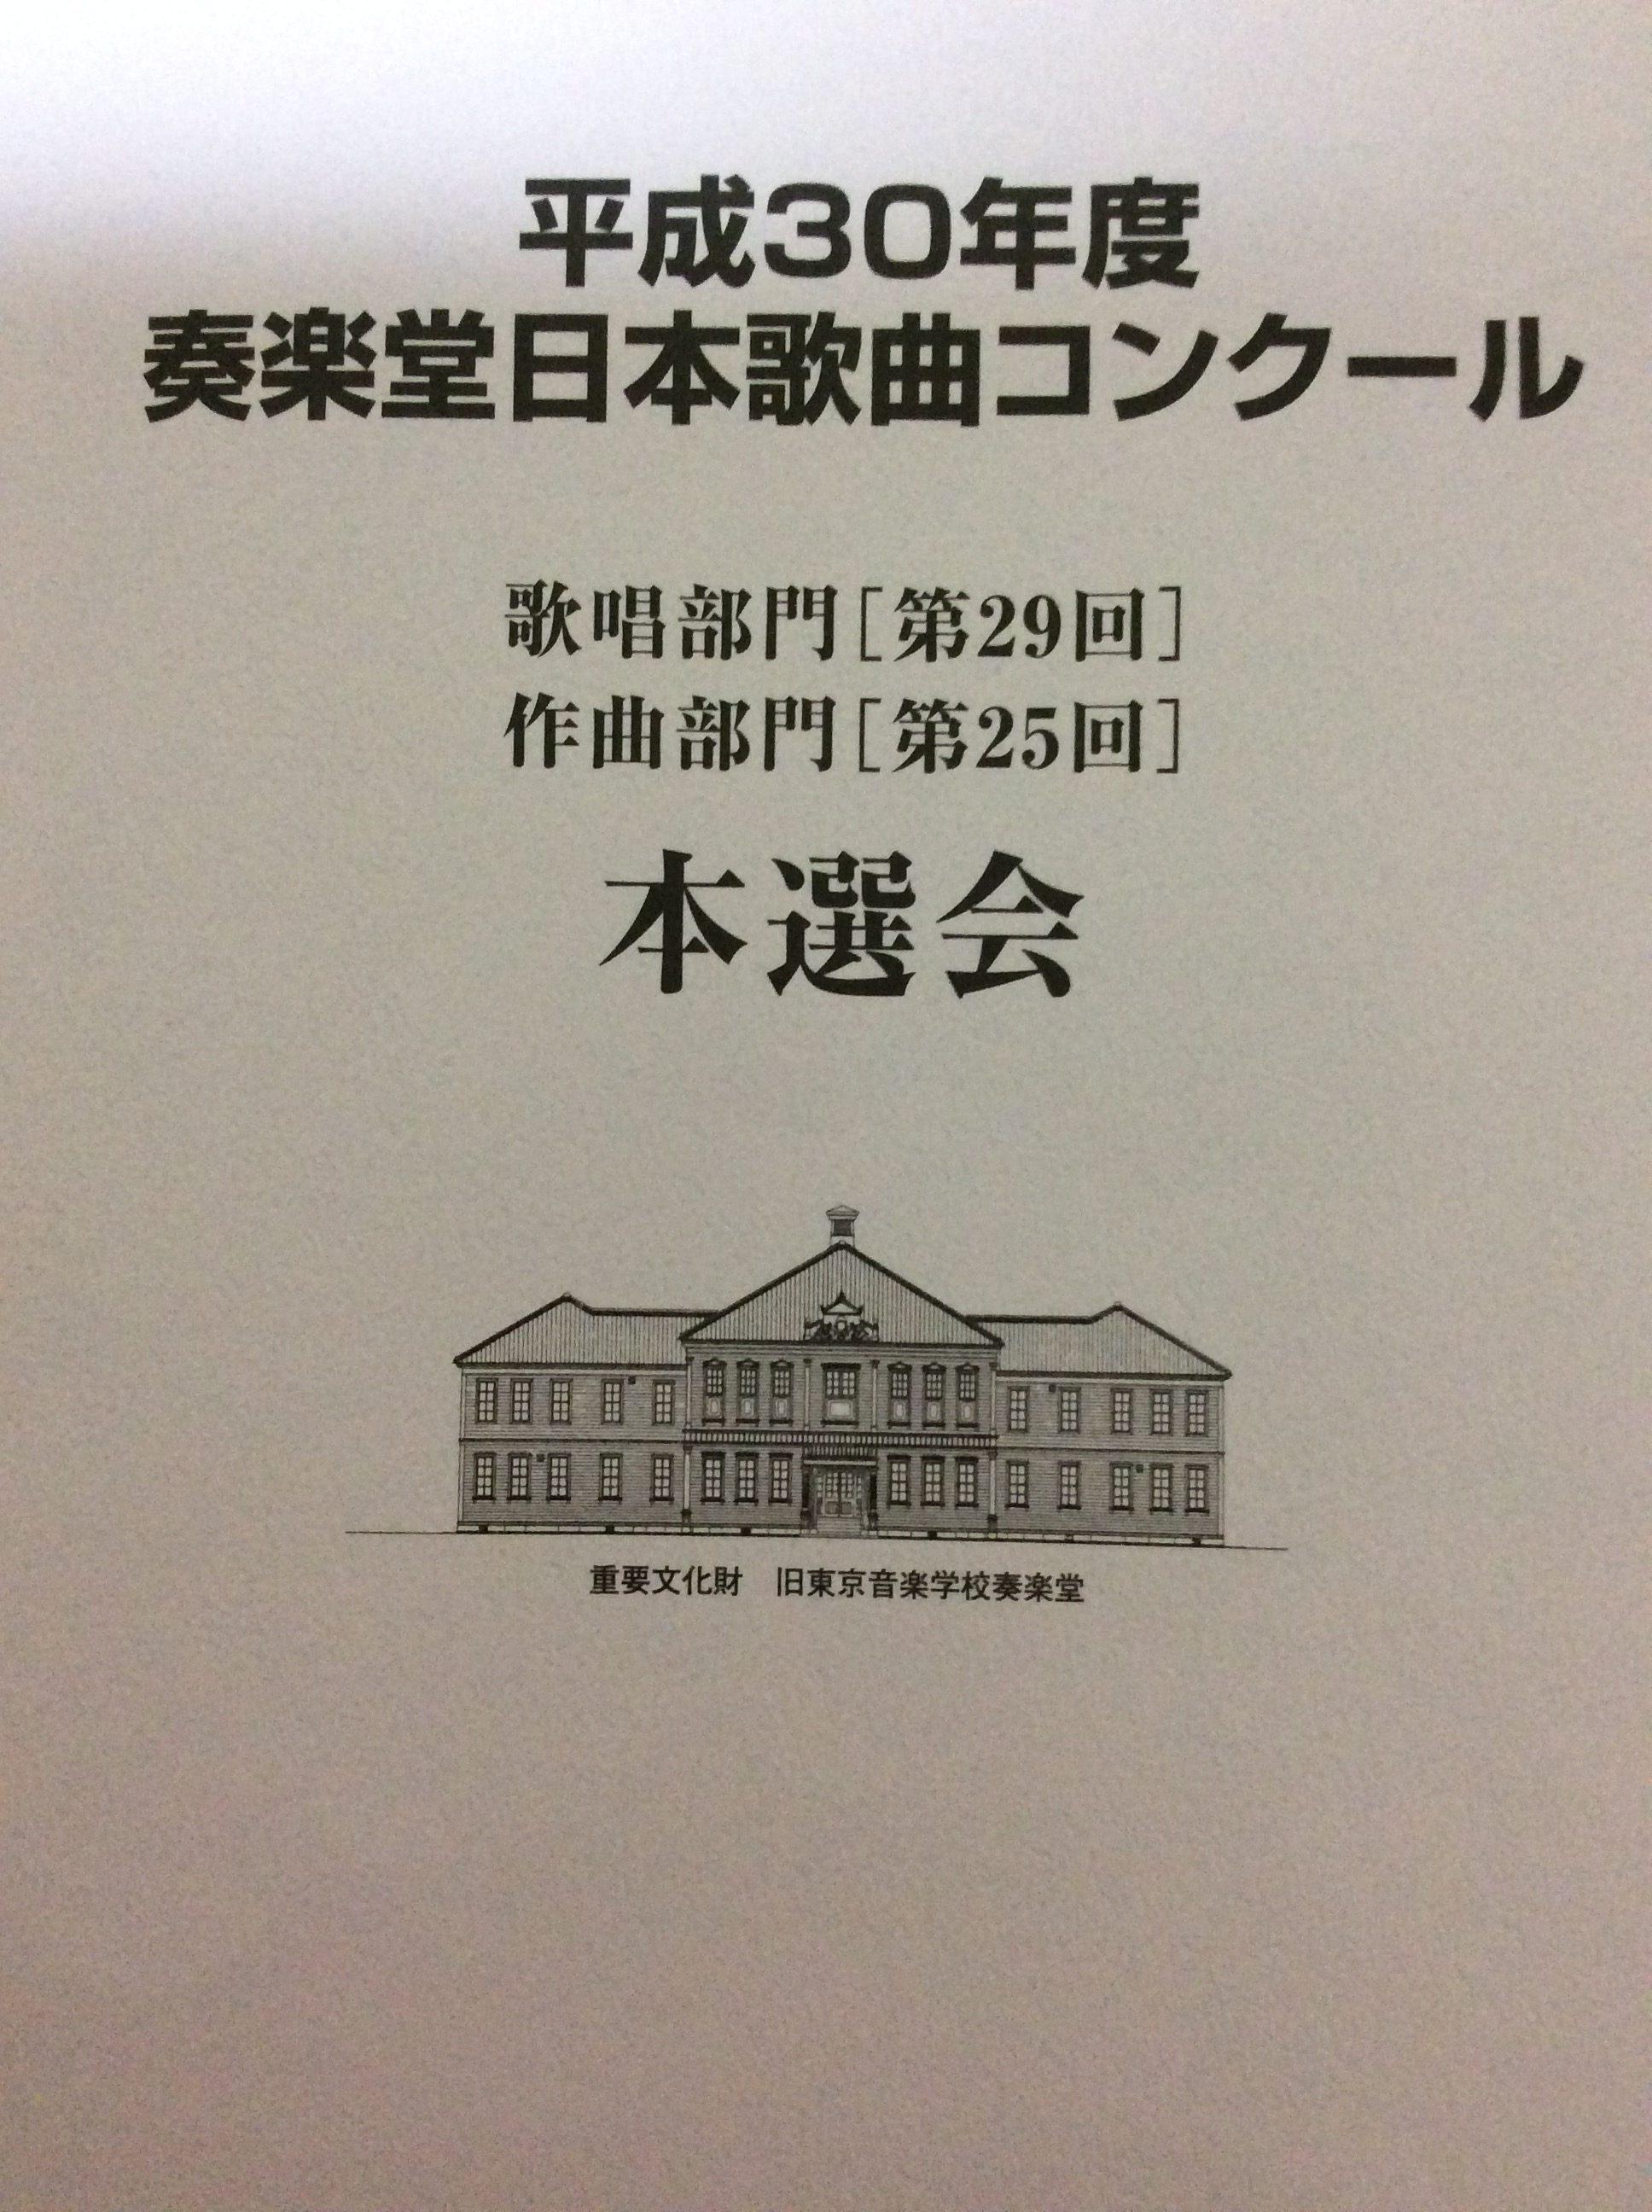 町田先生・日本歌曲コンクールについて